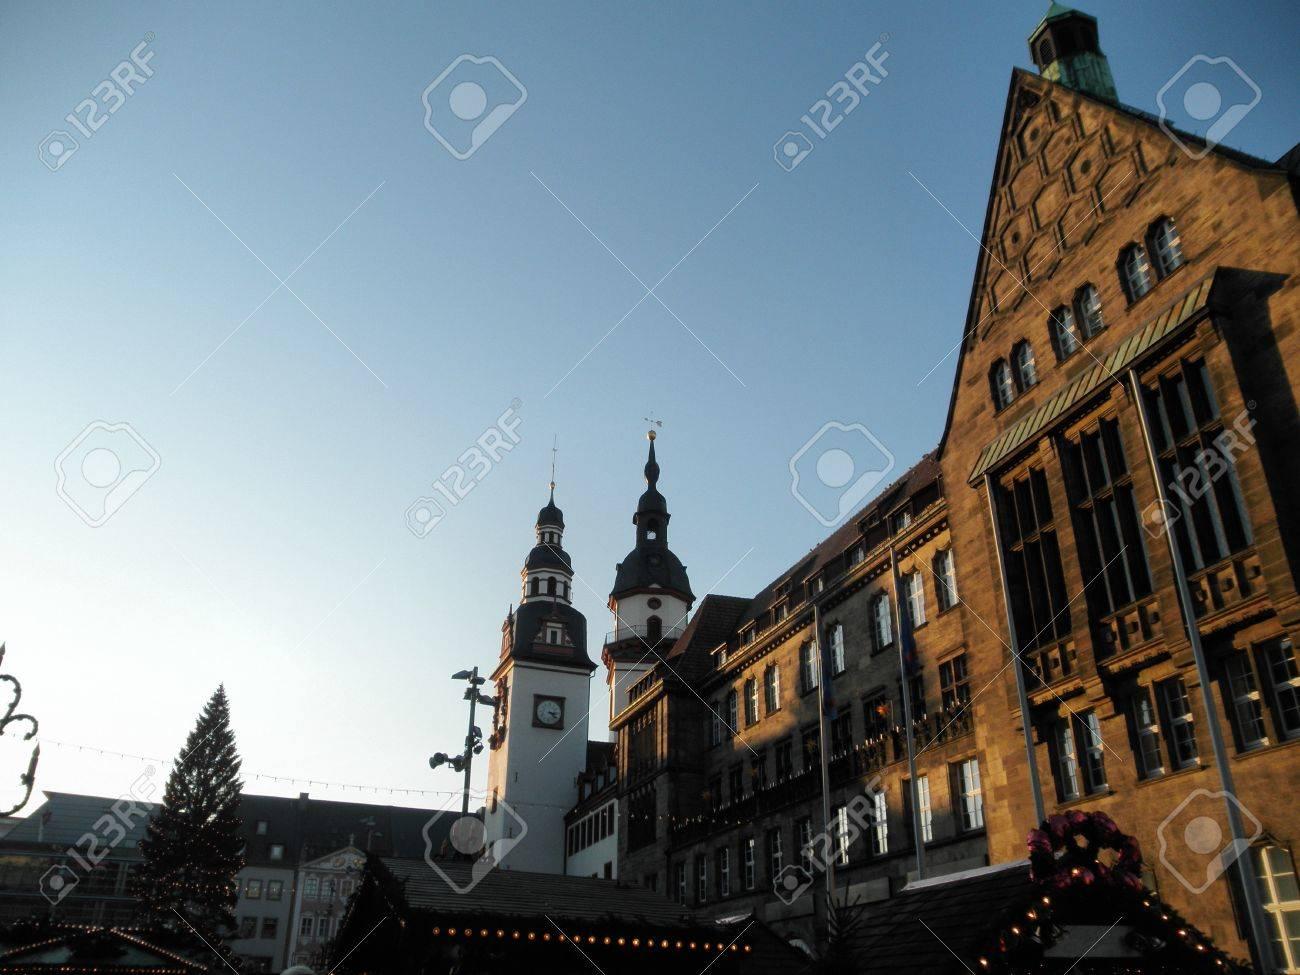 Weihnachtsbaum Kaufen Chemnitz.Stock Photo